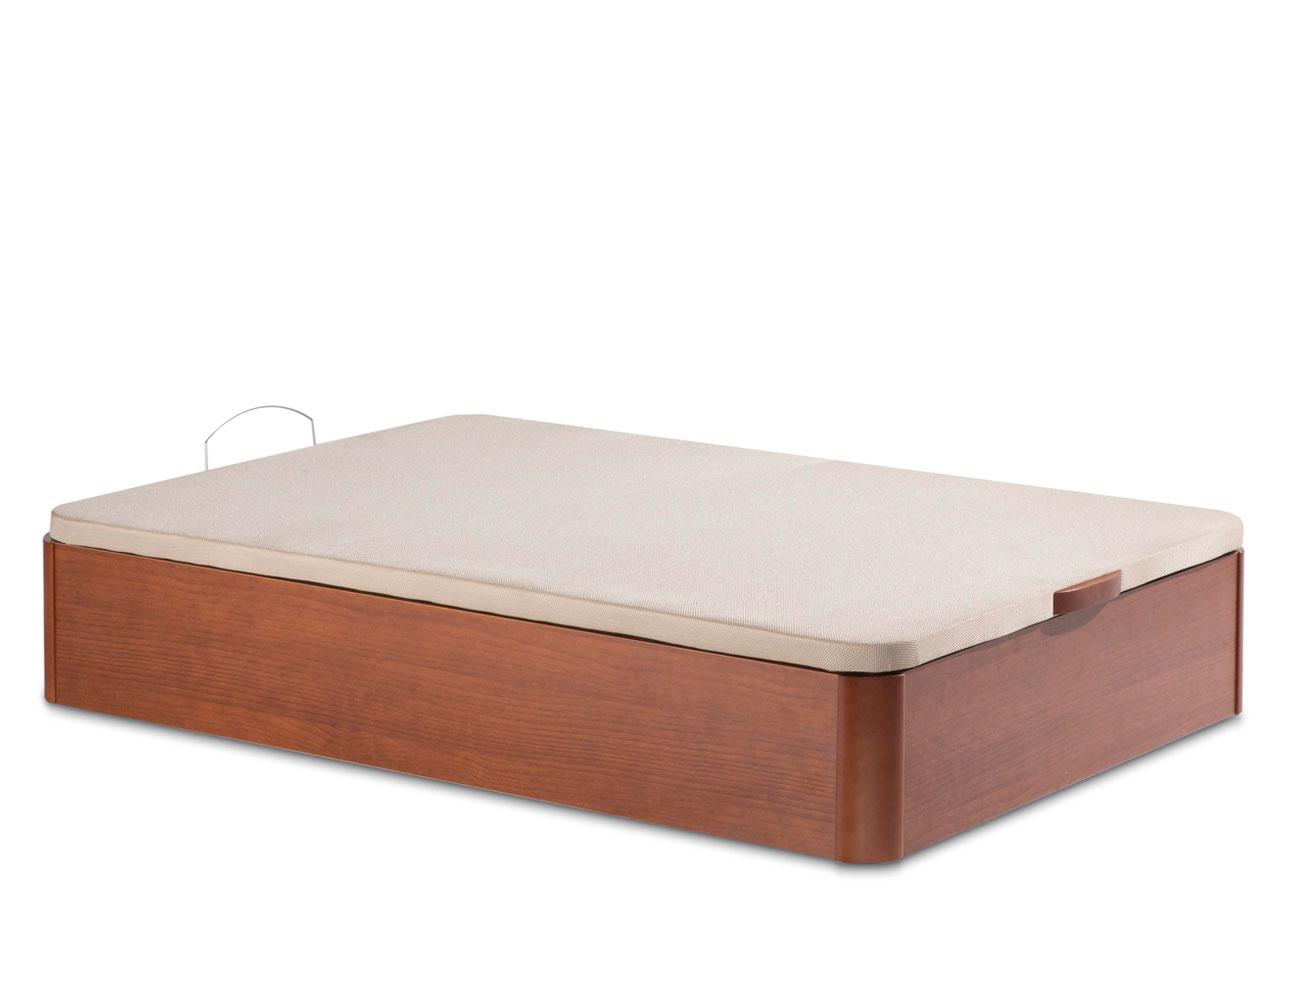 Canape madera base 3d 7312